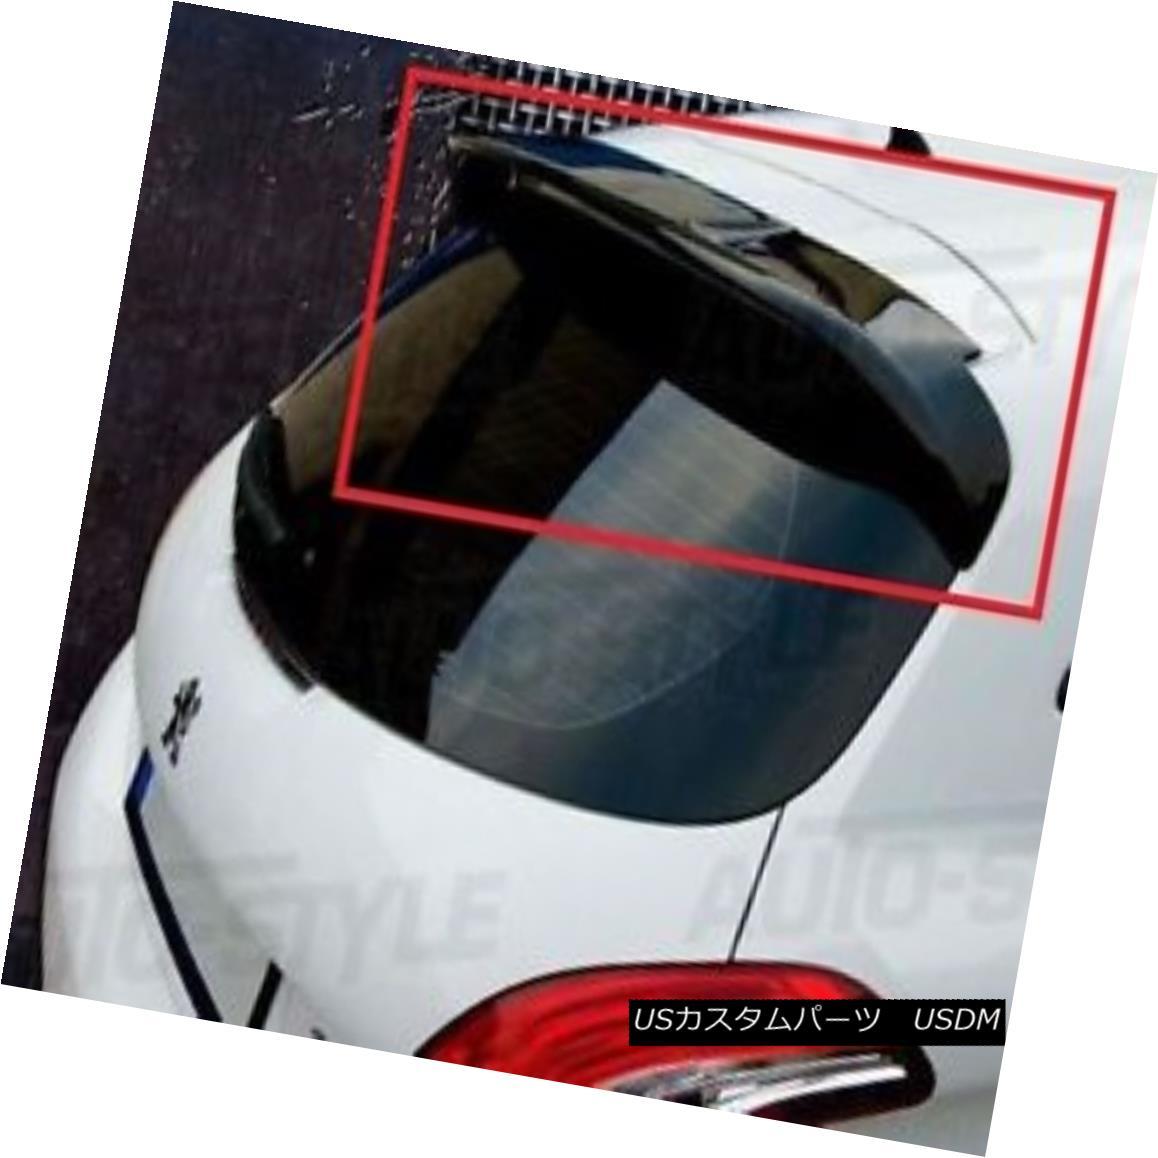 エアロパーツ PEUGEOT 208 GTI LOOK REAR ROOF SPOILER NEW プジョー208 GTIルアースポイラーNEW